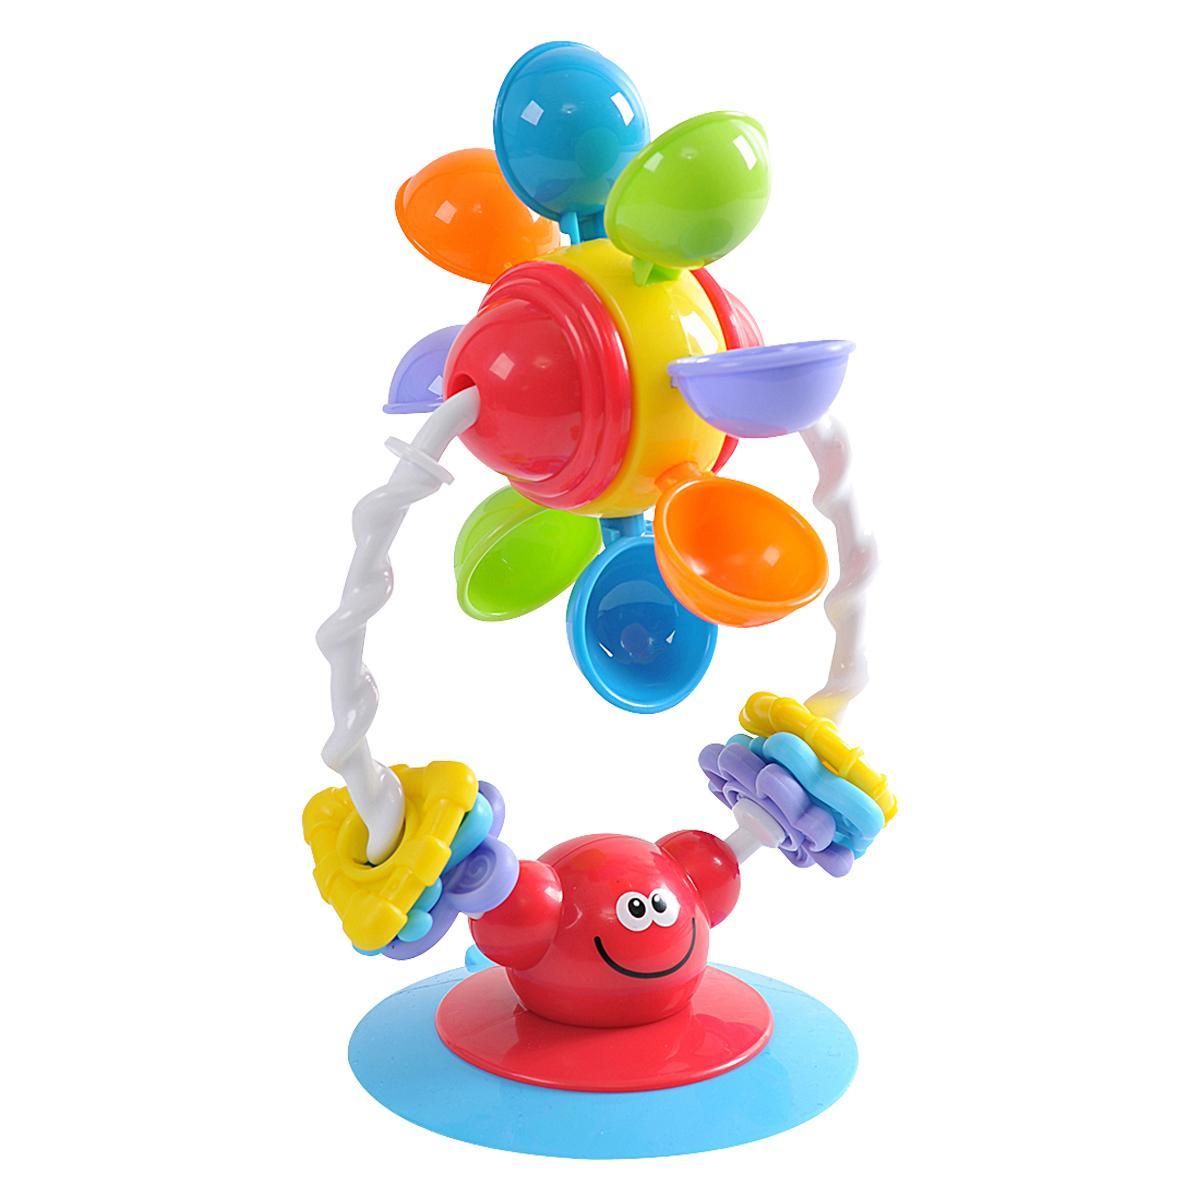 Развивающая игрушка Цветик-семицветикРазвивающие игрушки PlayGo<br>Развивающая игрушка Цветик-семицветик<br>